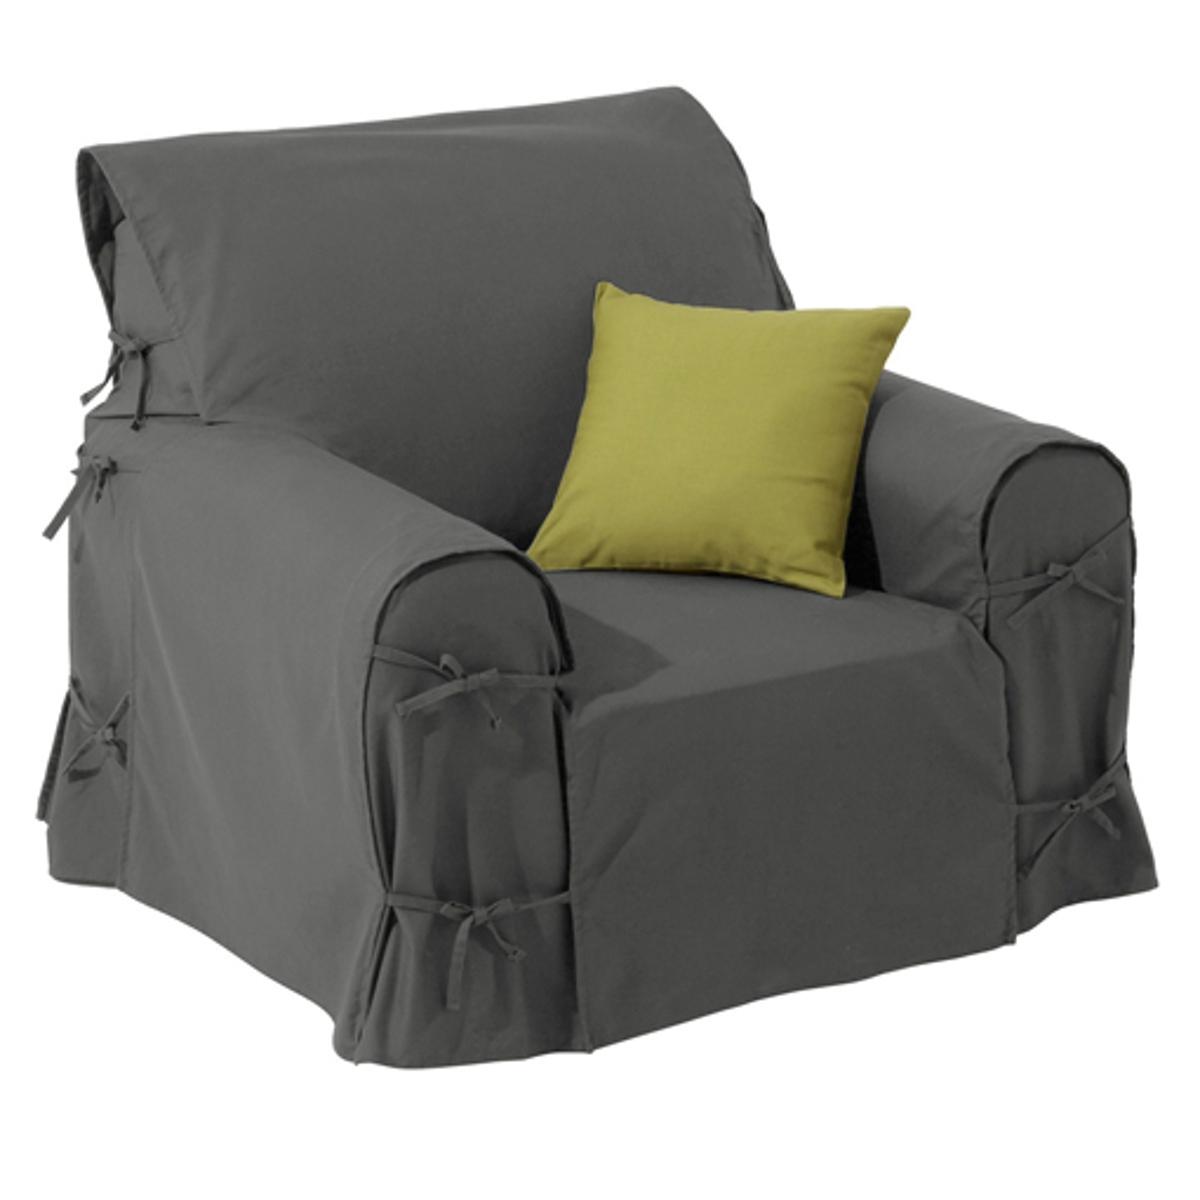 Чехол для креслаХарактеристики чехла для кресла:- Практичный чехол для кресла регулируется завязками. - Красивая плотная ткань из 100% хлопка (220 г/м?).- Обработка против пятен.- Простой уход: стирка при 40°, превосходная стойкость цвета.Размеры чехла для кресла:- Общая высота: 102 см.- Максимальная ширина: 80 см.- Глубина сидения: 60 см.- Высота подлокотников: 66 см.Качество VALEUR S?RE. Производство осуществляется с учетом стандартов по защите окружающей среды и здоровья человека, что подтверждено сертификатом Oeko-tex®.<br><br>Цвет: антрацит,облачно-серый,рубиново-красный<br>Размер: единый размер